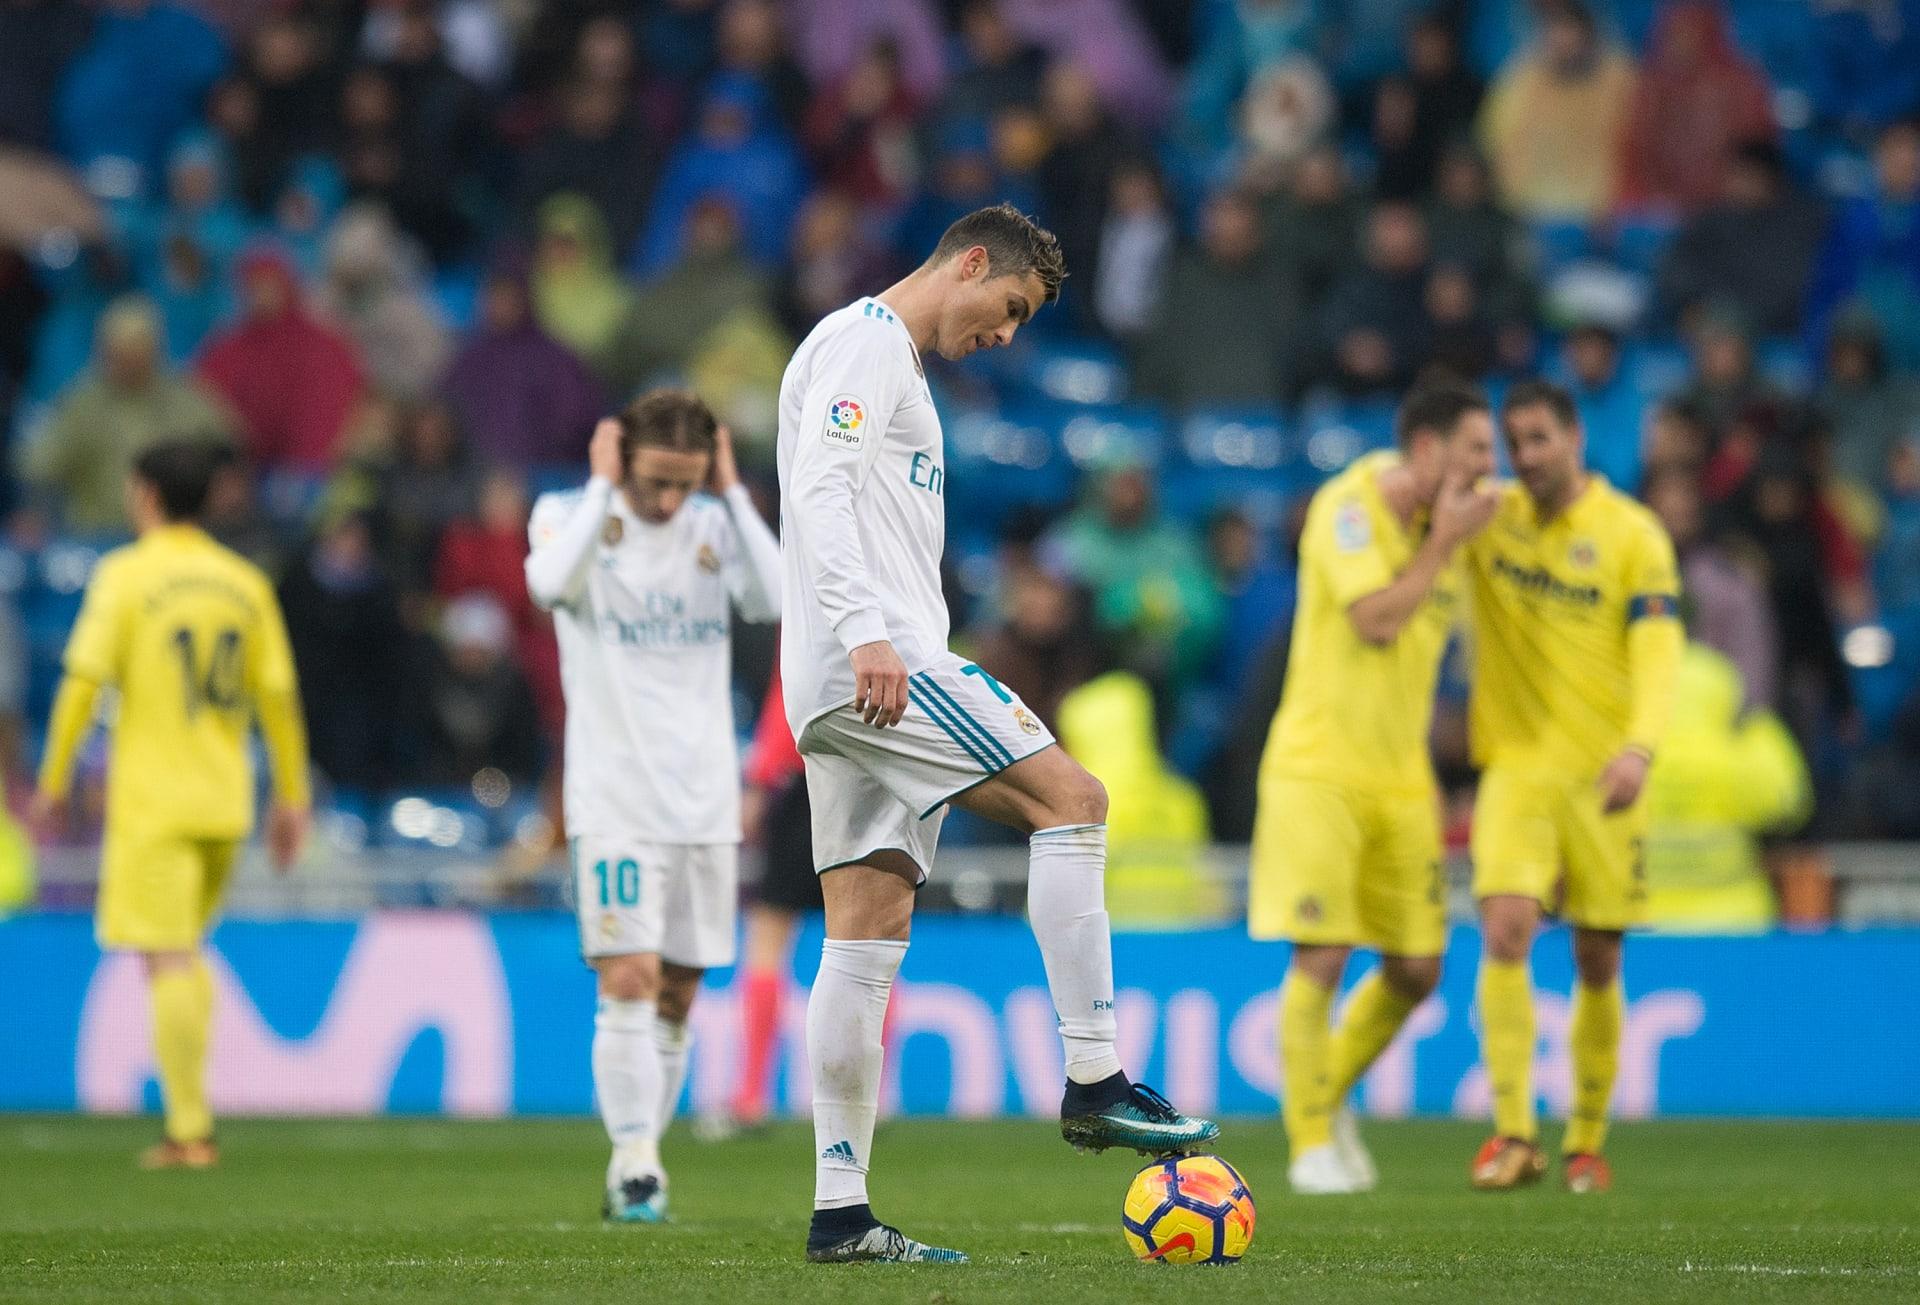 فياريال يعمق جراح ريال مدريد ويهزمه للمرة الأولى منذ 2015